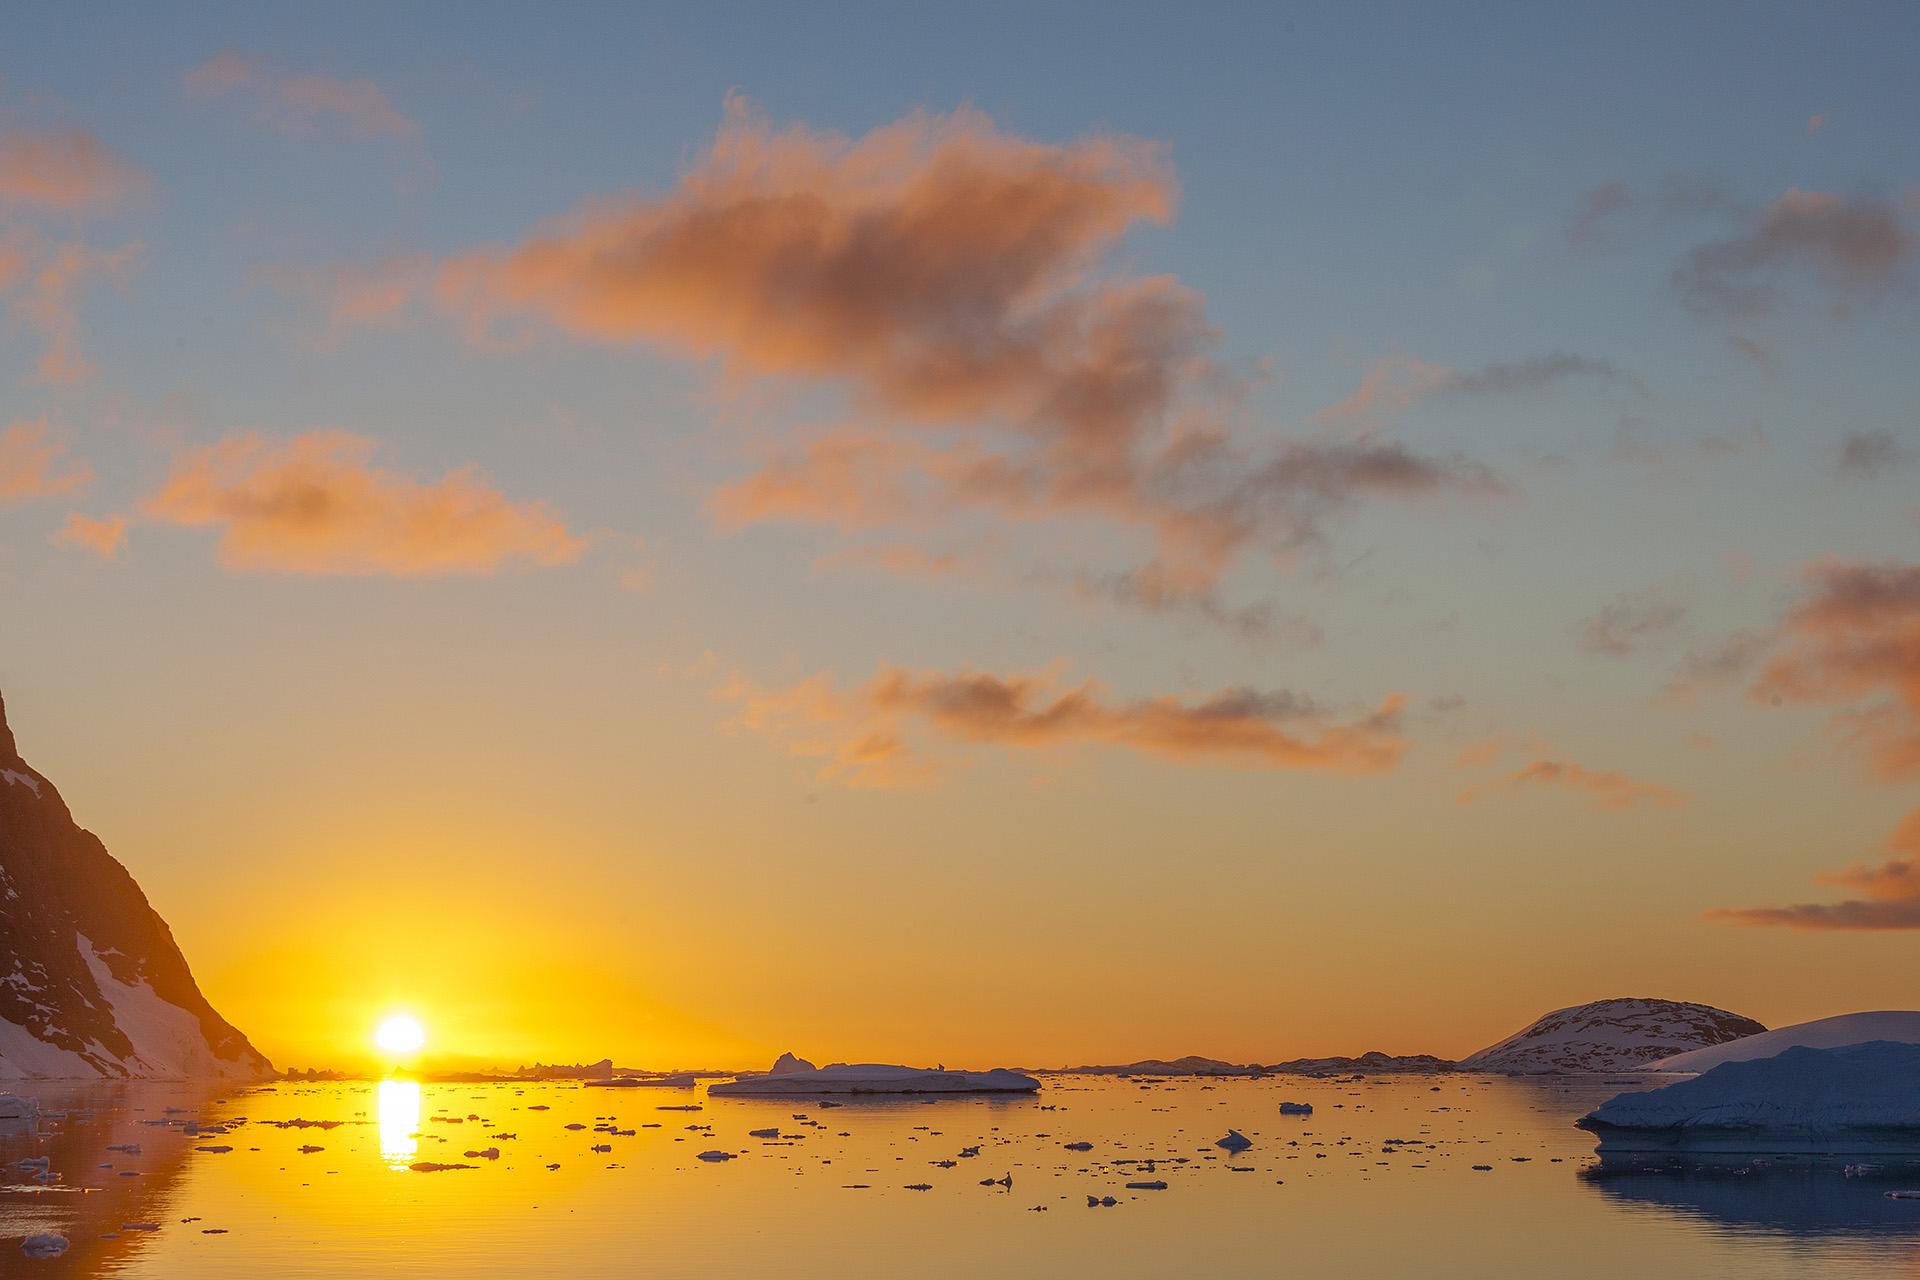 Een van de allermooiste plekken op aarde moet wel het Lemaire Channel op Antarctica zijn